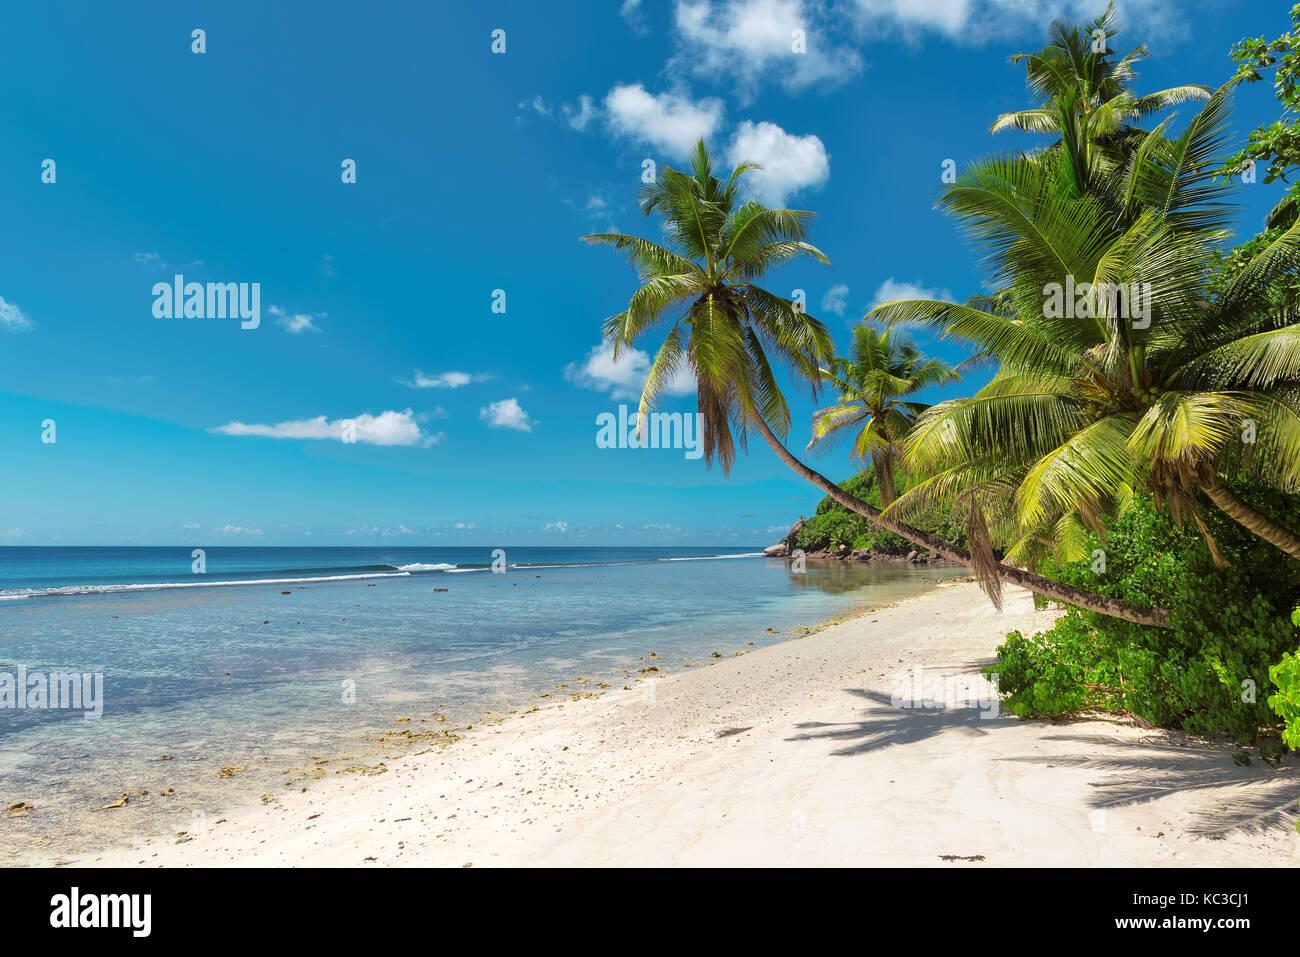 Kokosnuss Palmen am weißen Sandstrand auf den Seychellen. Stockbild